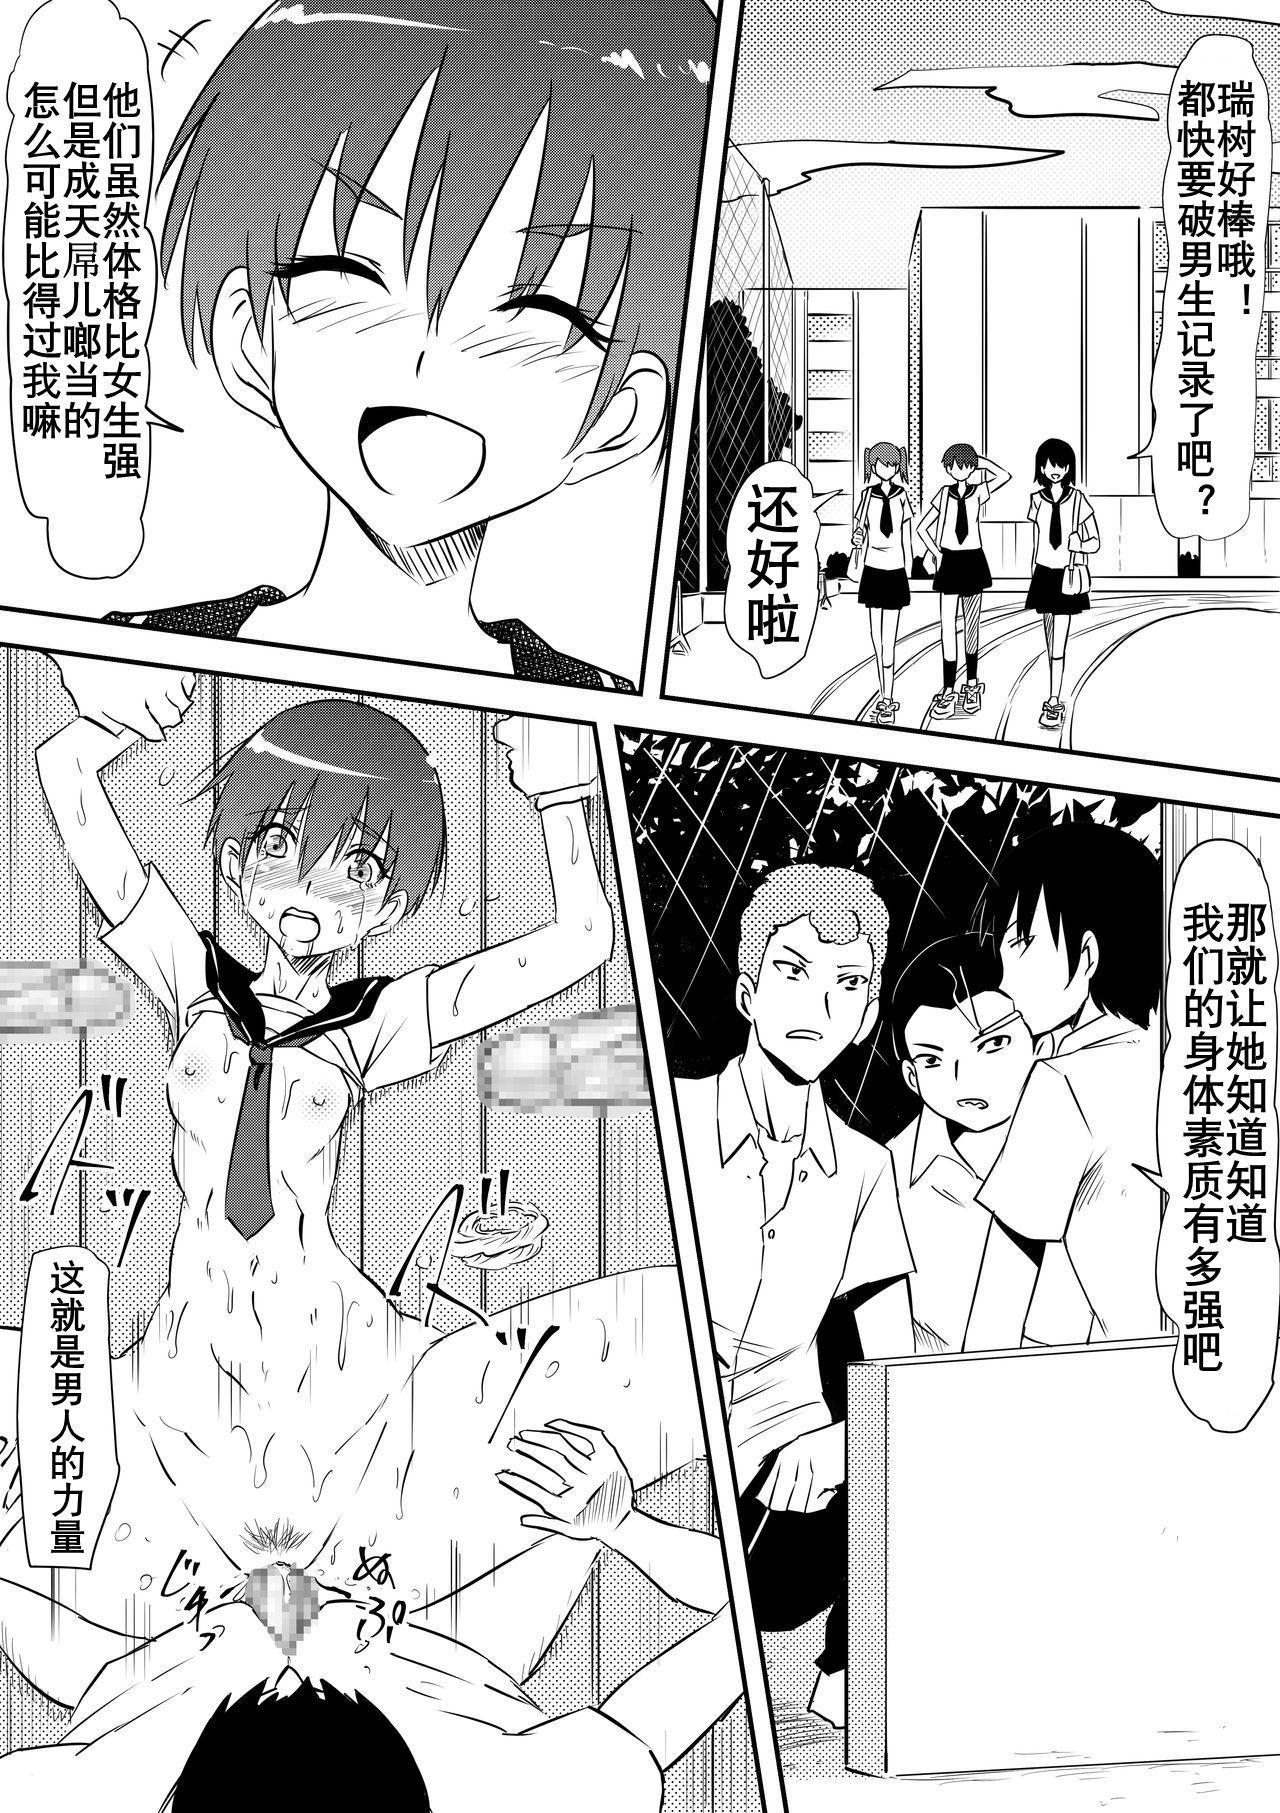 Sports Shoujo ga Ryoujoku Sarete Bitch-ka Suru Hanashi | 田径少女凌辱婊化 3